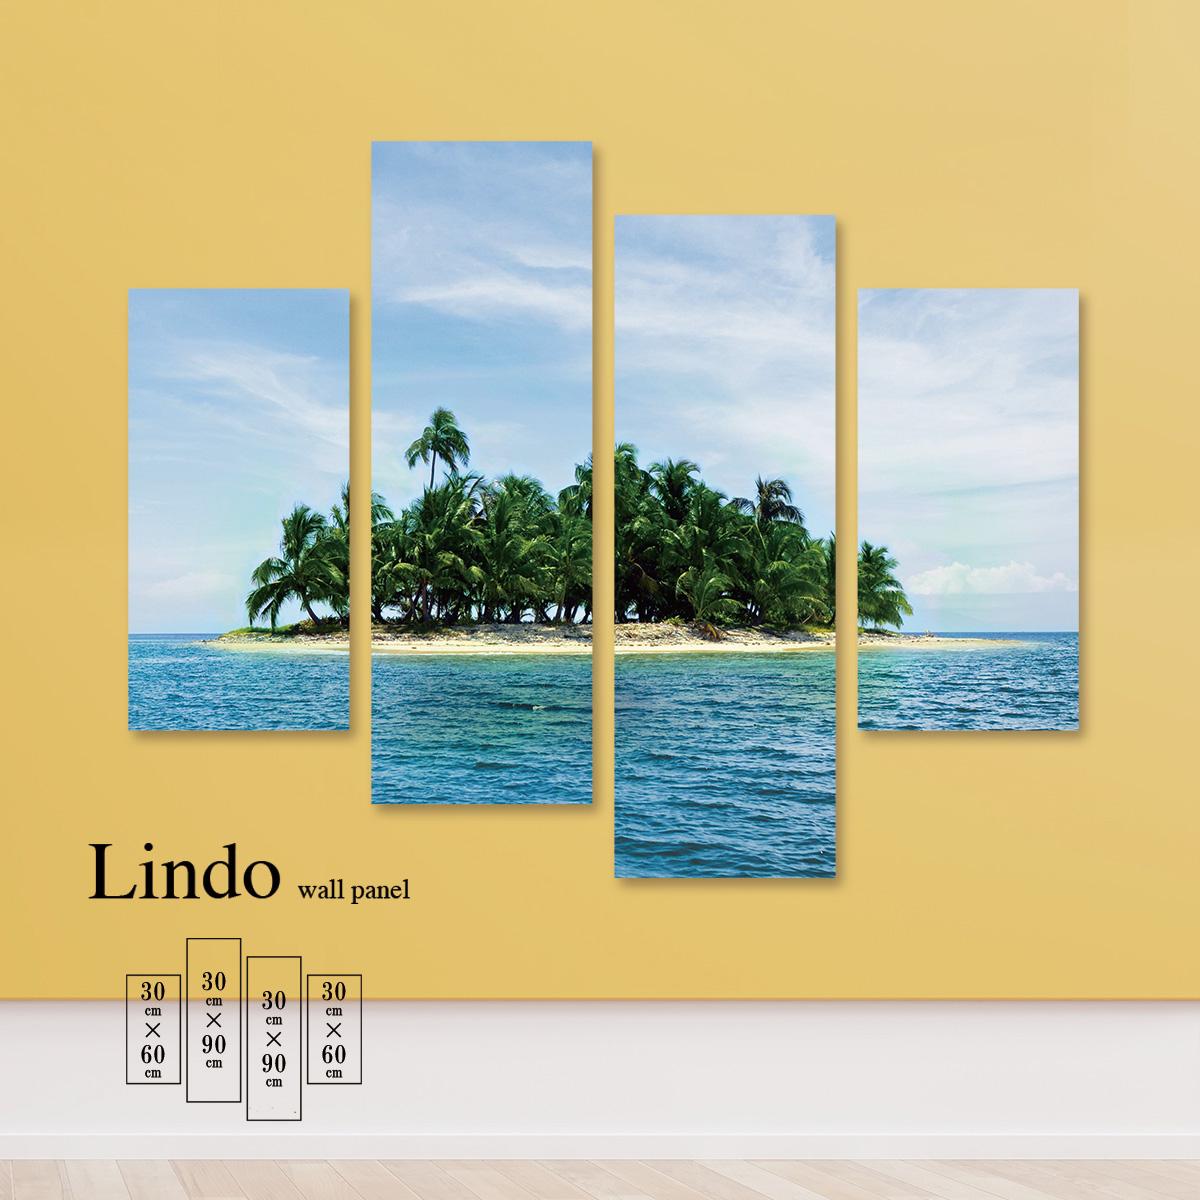 アートパネル 海 海面 海岸 浜辺 ビーチ 風景 景色 青空 島 壁掛け 北欧 お洒落 デザイン ファブリック 壁飾り アートボード 4枚パネル